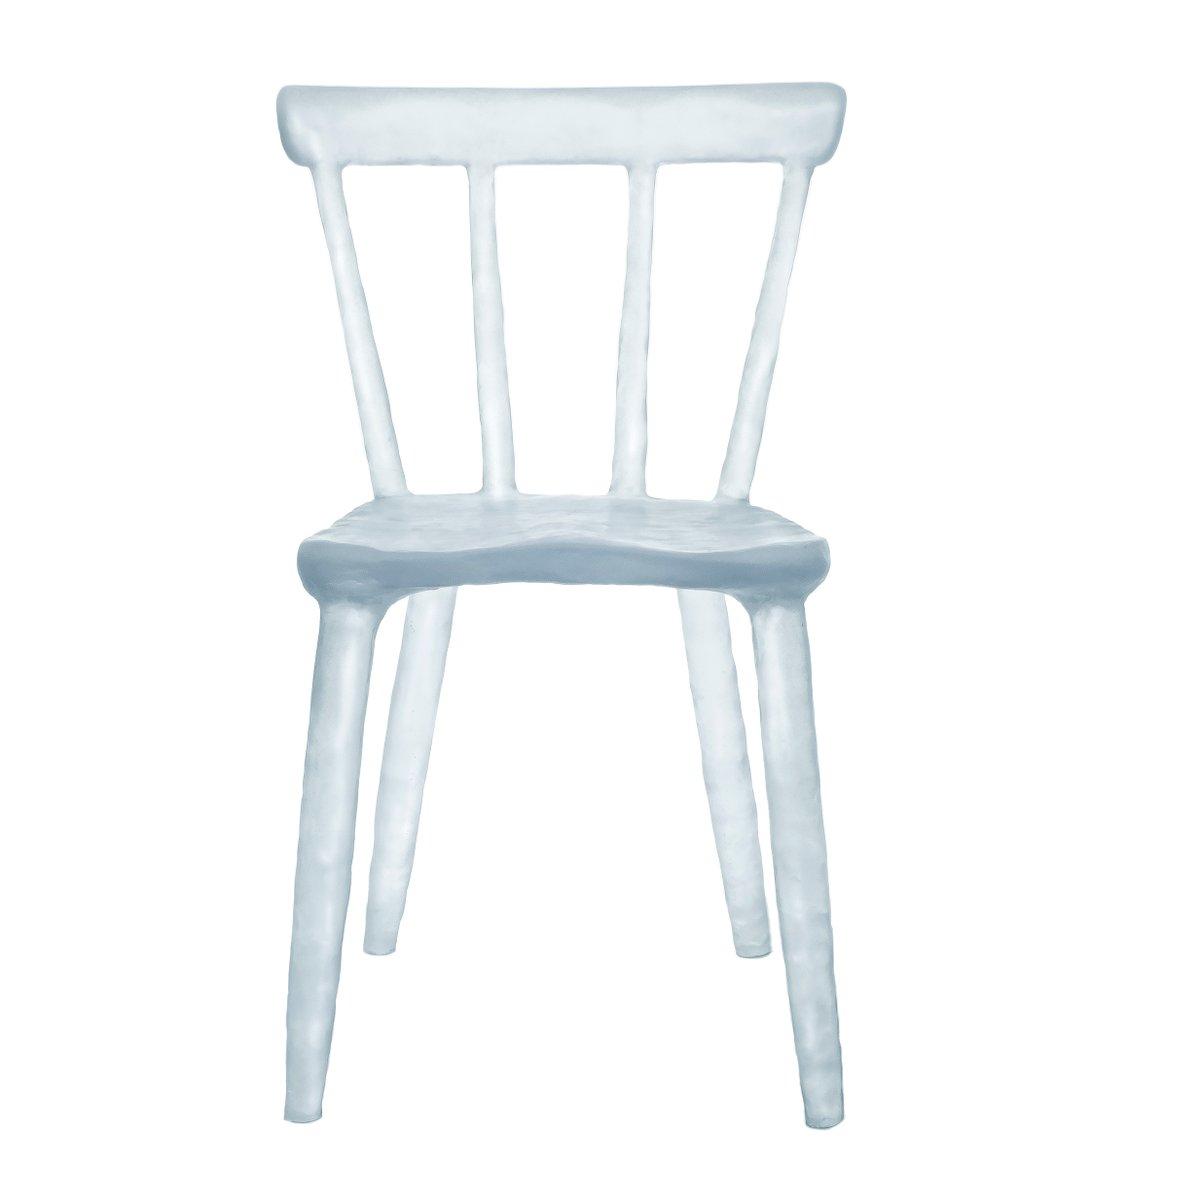 grauer glow stuhl von kim markel 2017 bei pamono kaufen. Black Bedroom Furniture Sets. Home Design Ideas